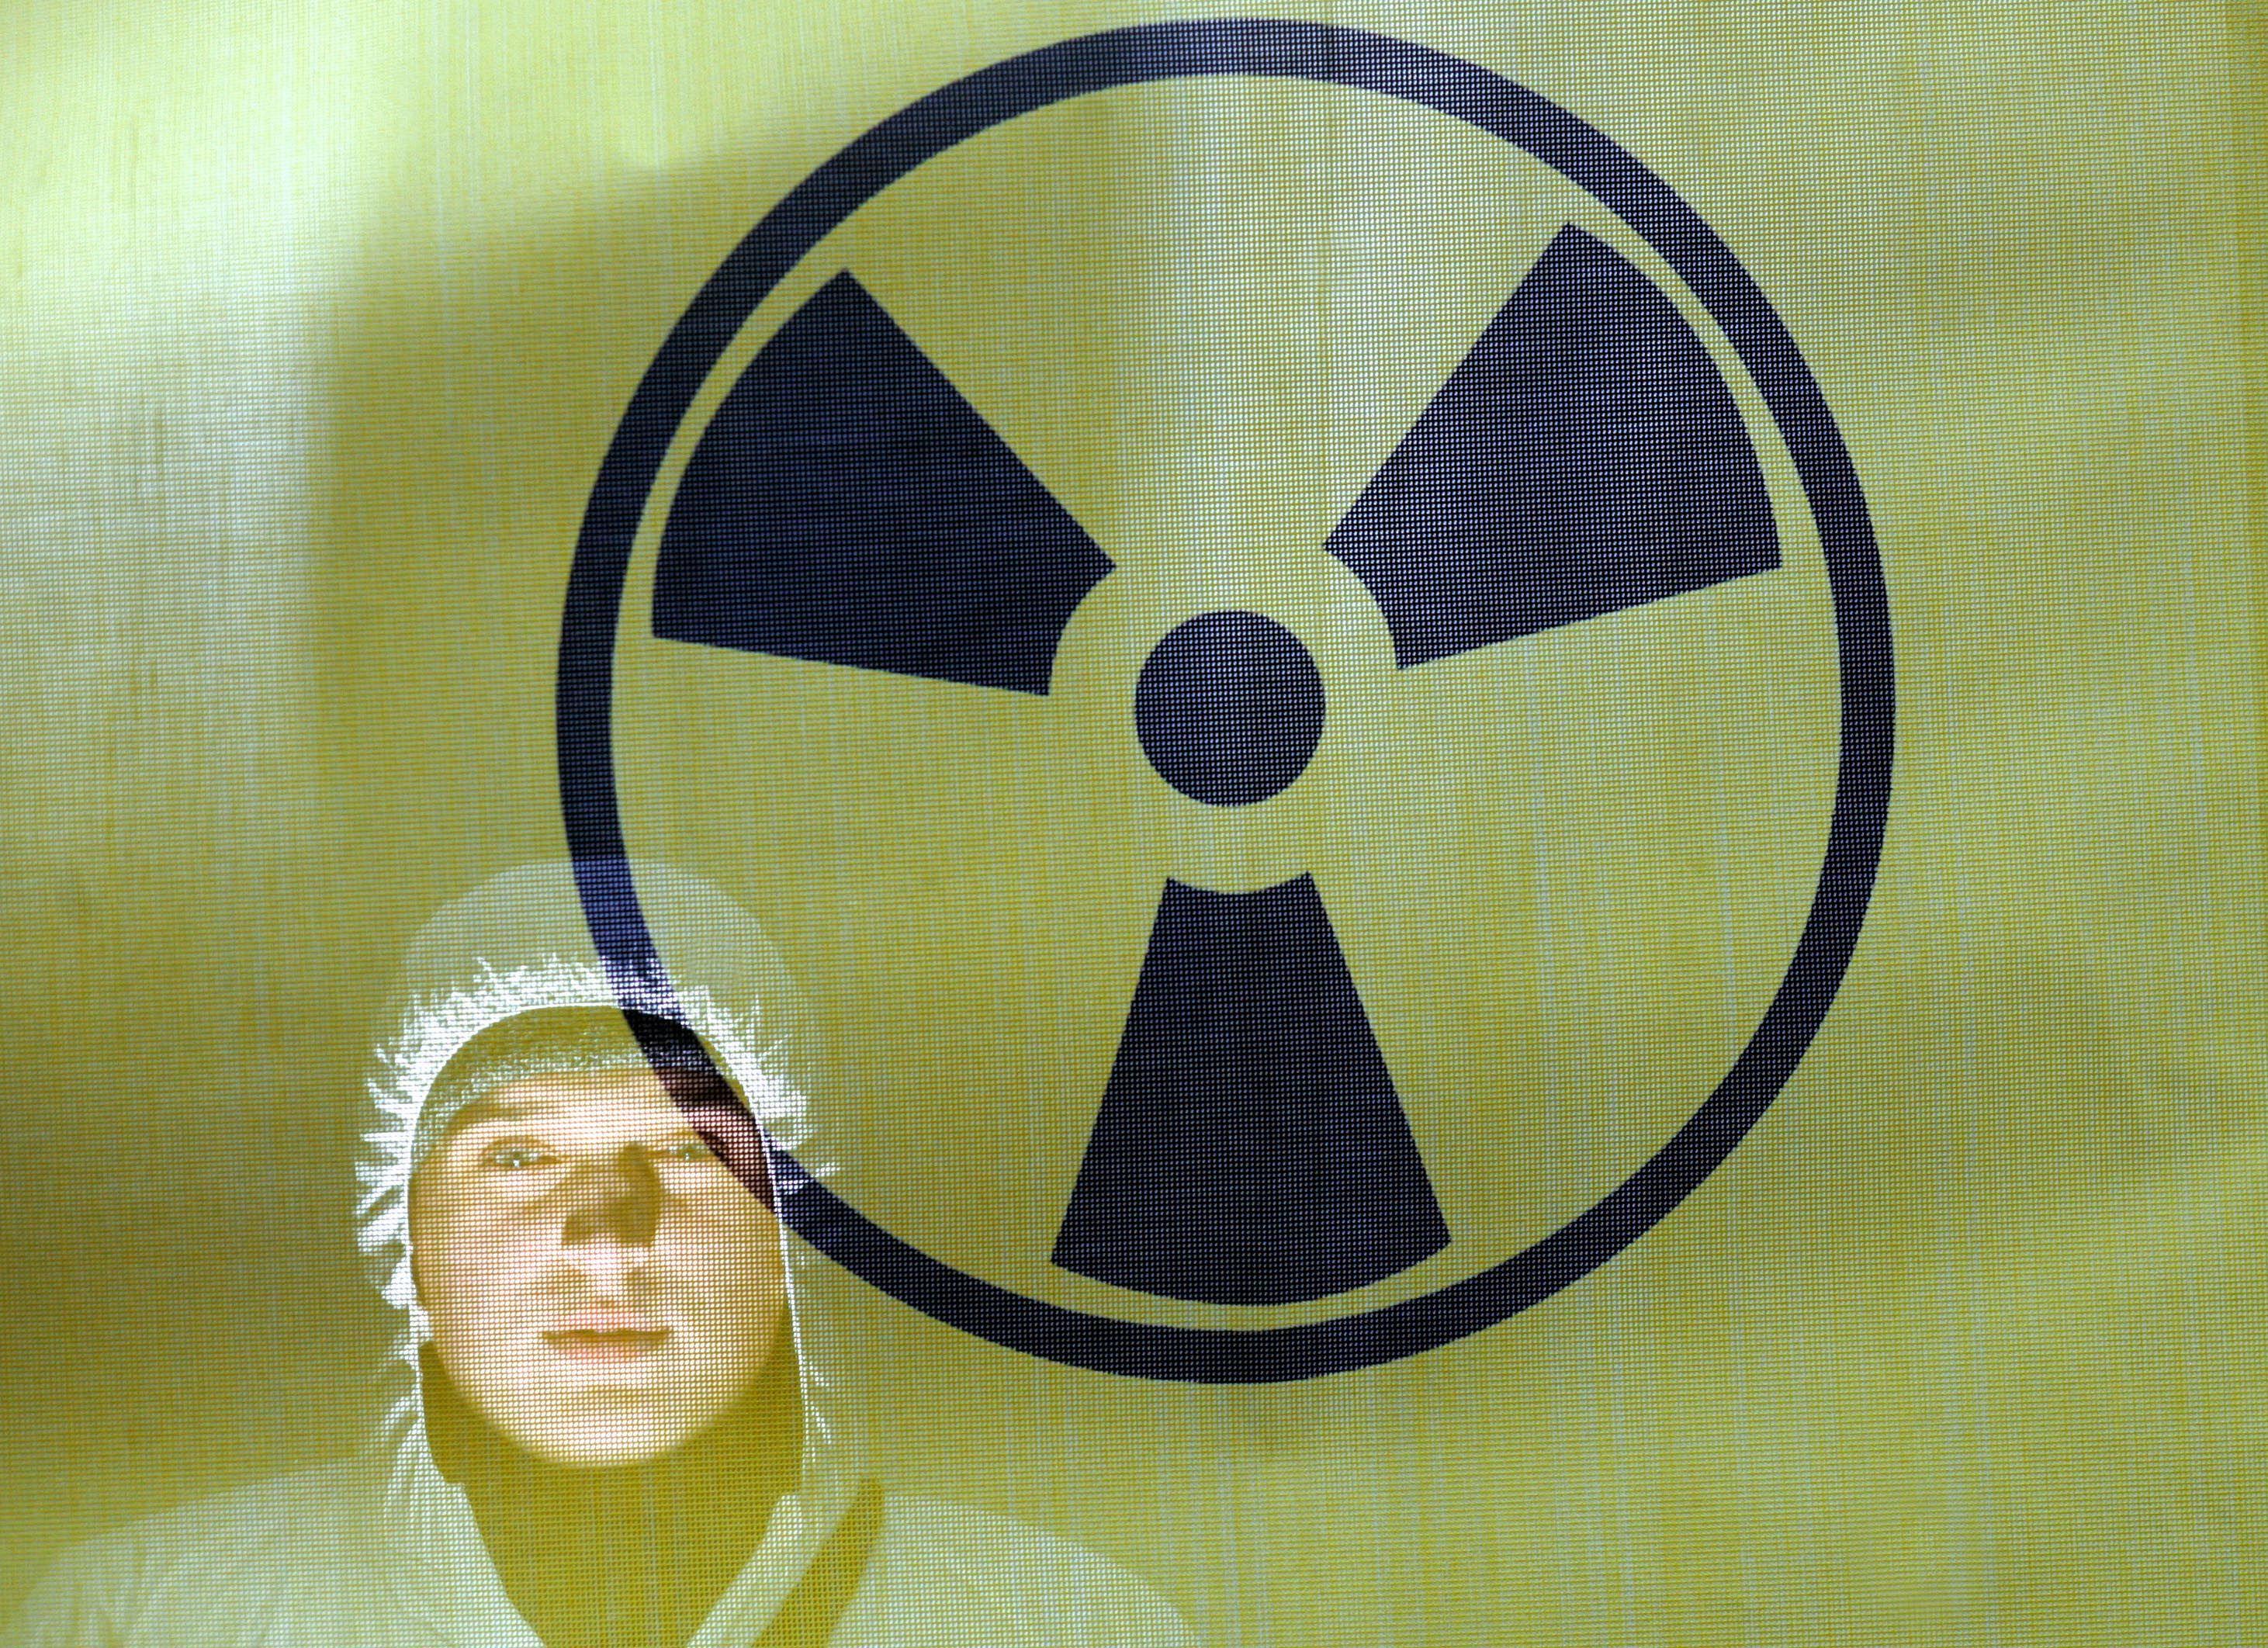 Les menaces djihadistes sur les centrales nucléaires sont-elles suffisamment prises en compte ?